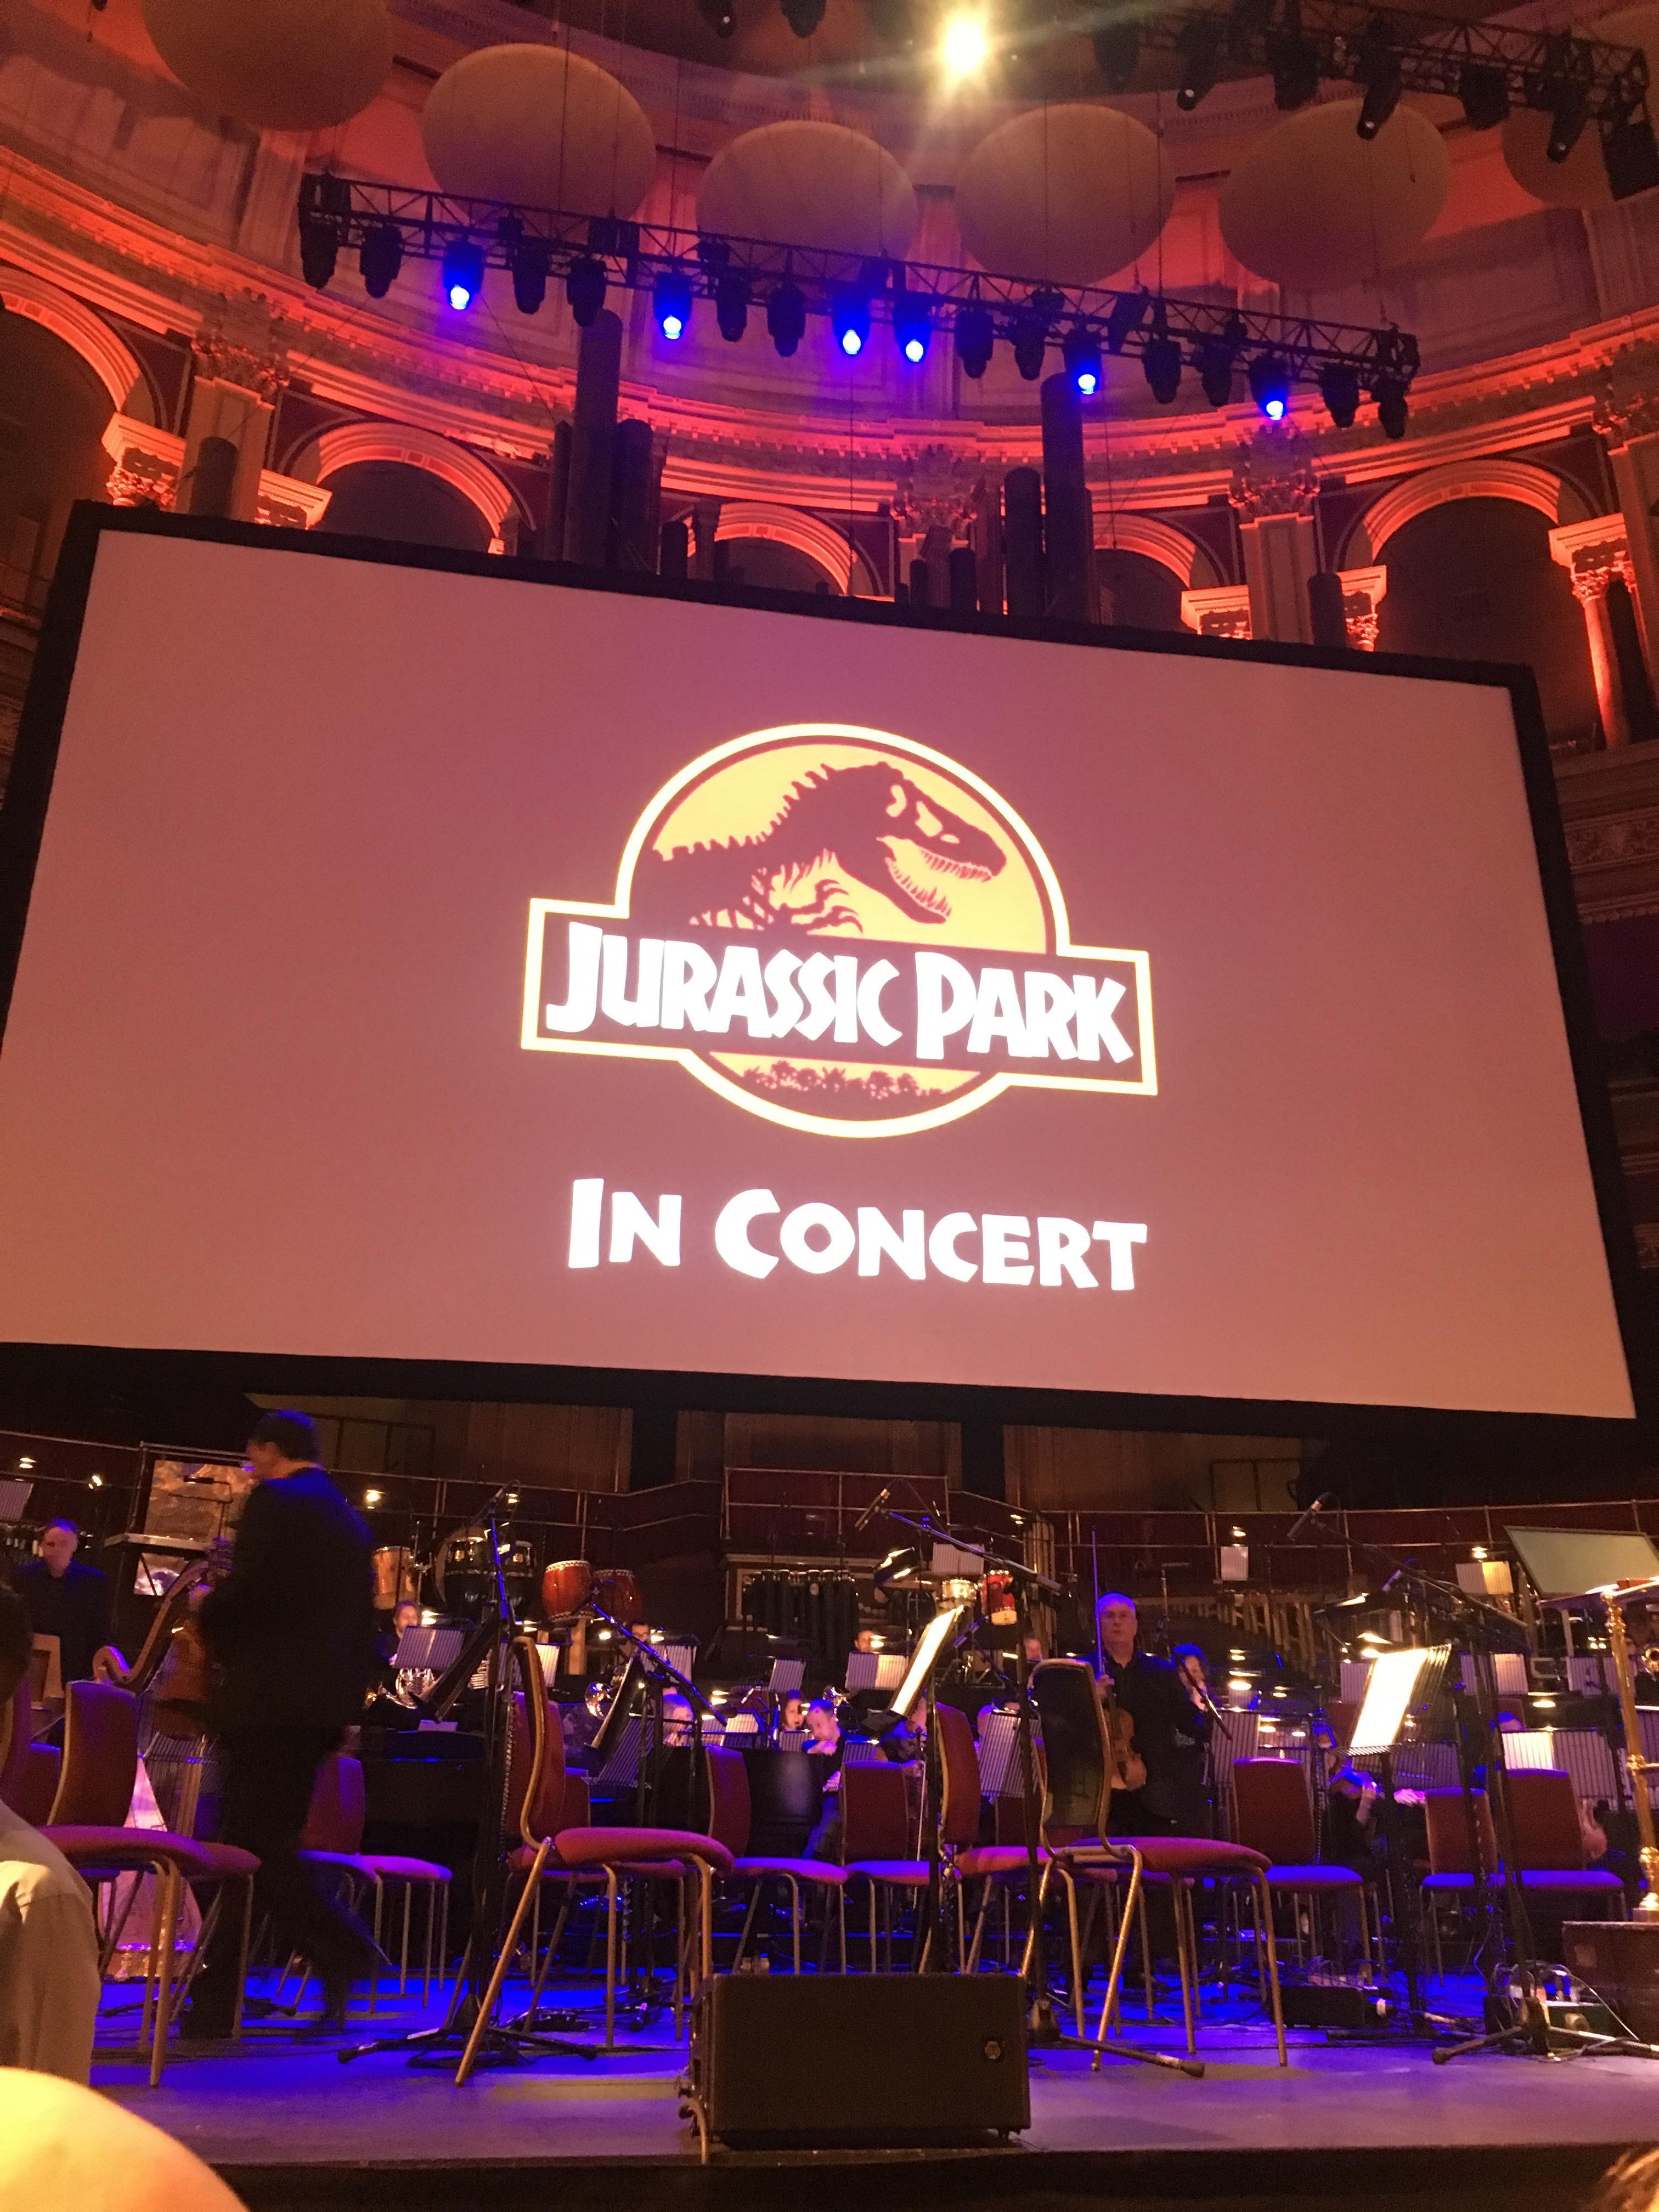 Royal Albert Hall Section Arena